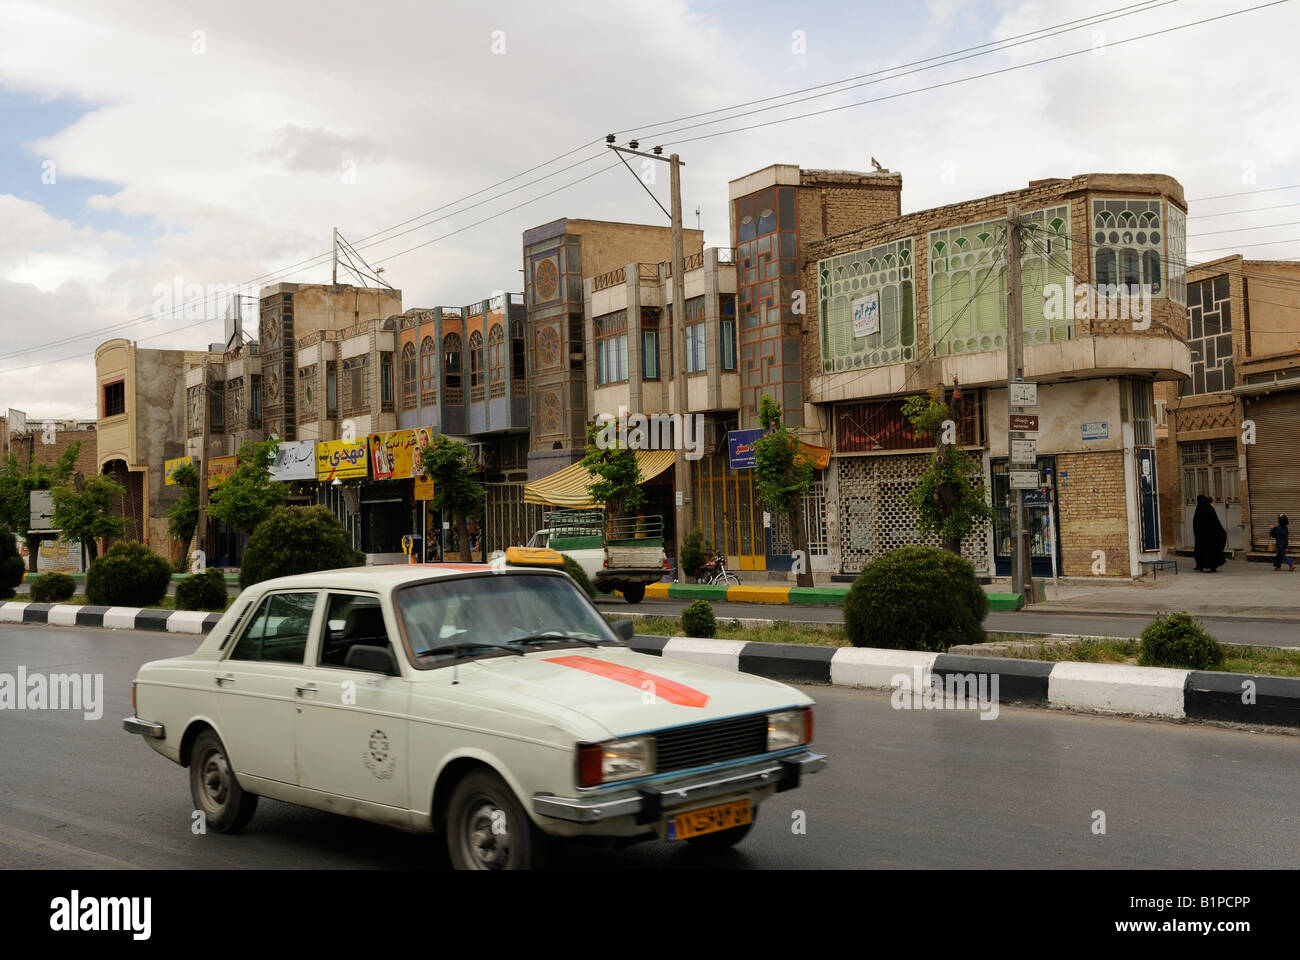 Iran 2006: Taxi in Emamzadah Jafar Street, Yazd, Iran Immagini Stock